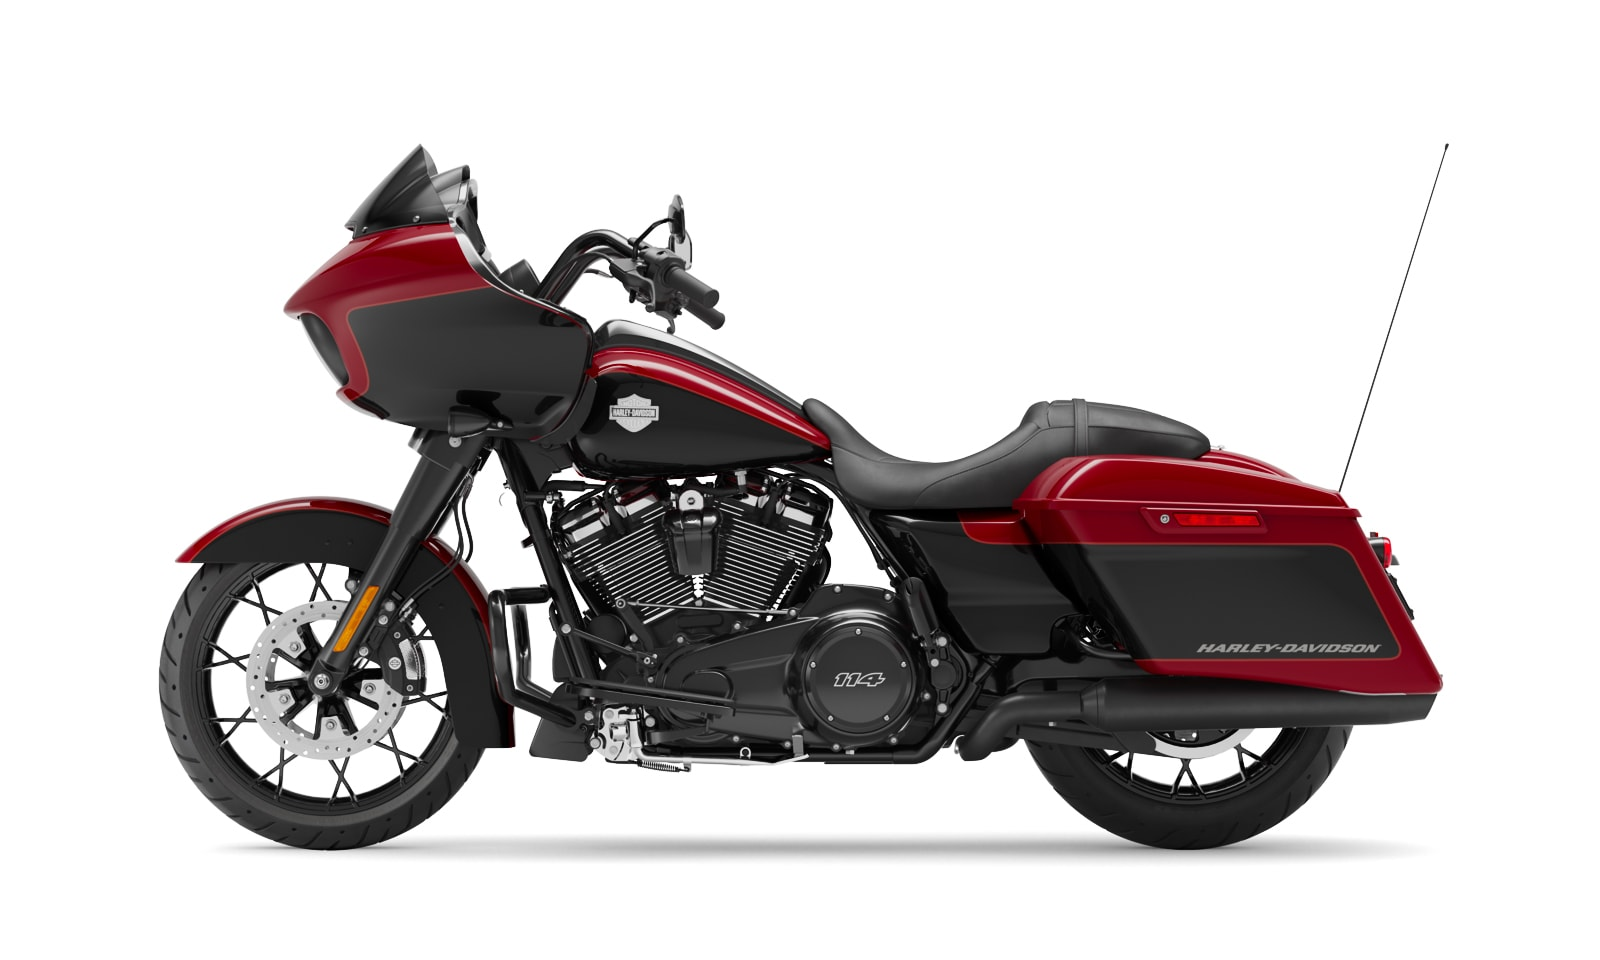 Motocicleta Road Glide Special 2021 Harley Davidson Brasil